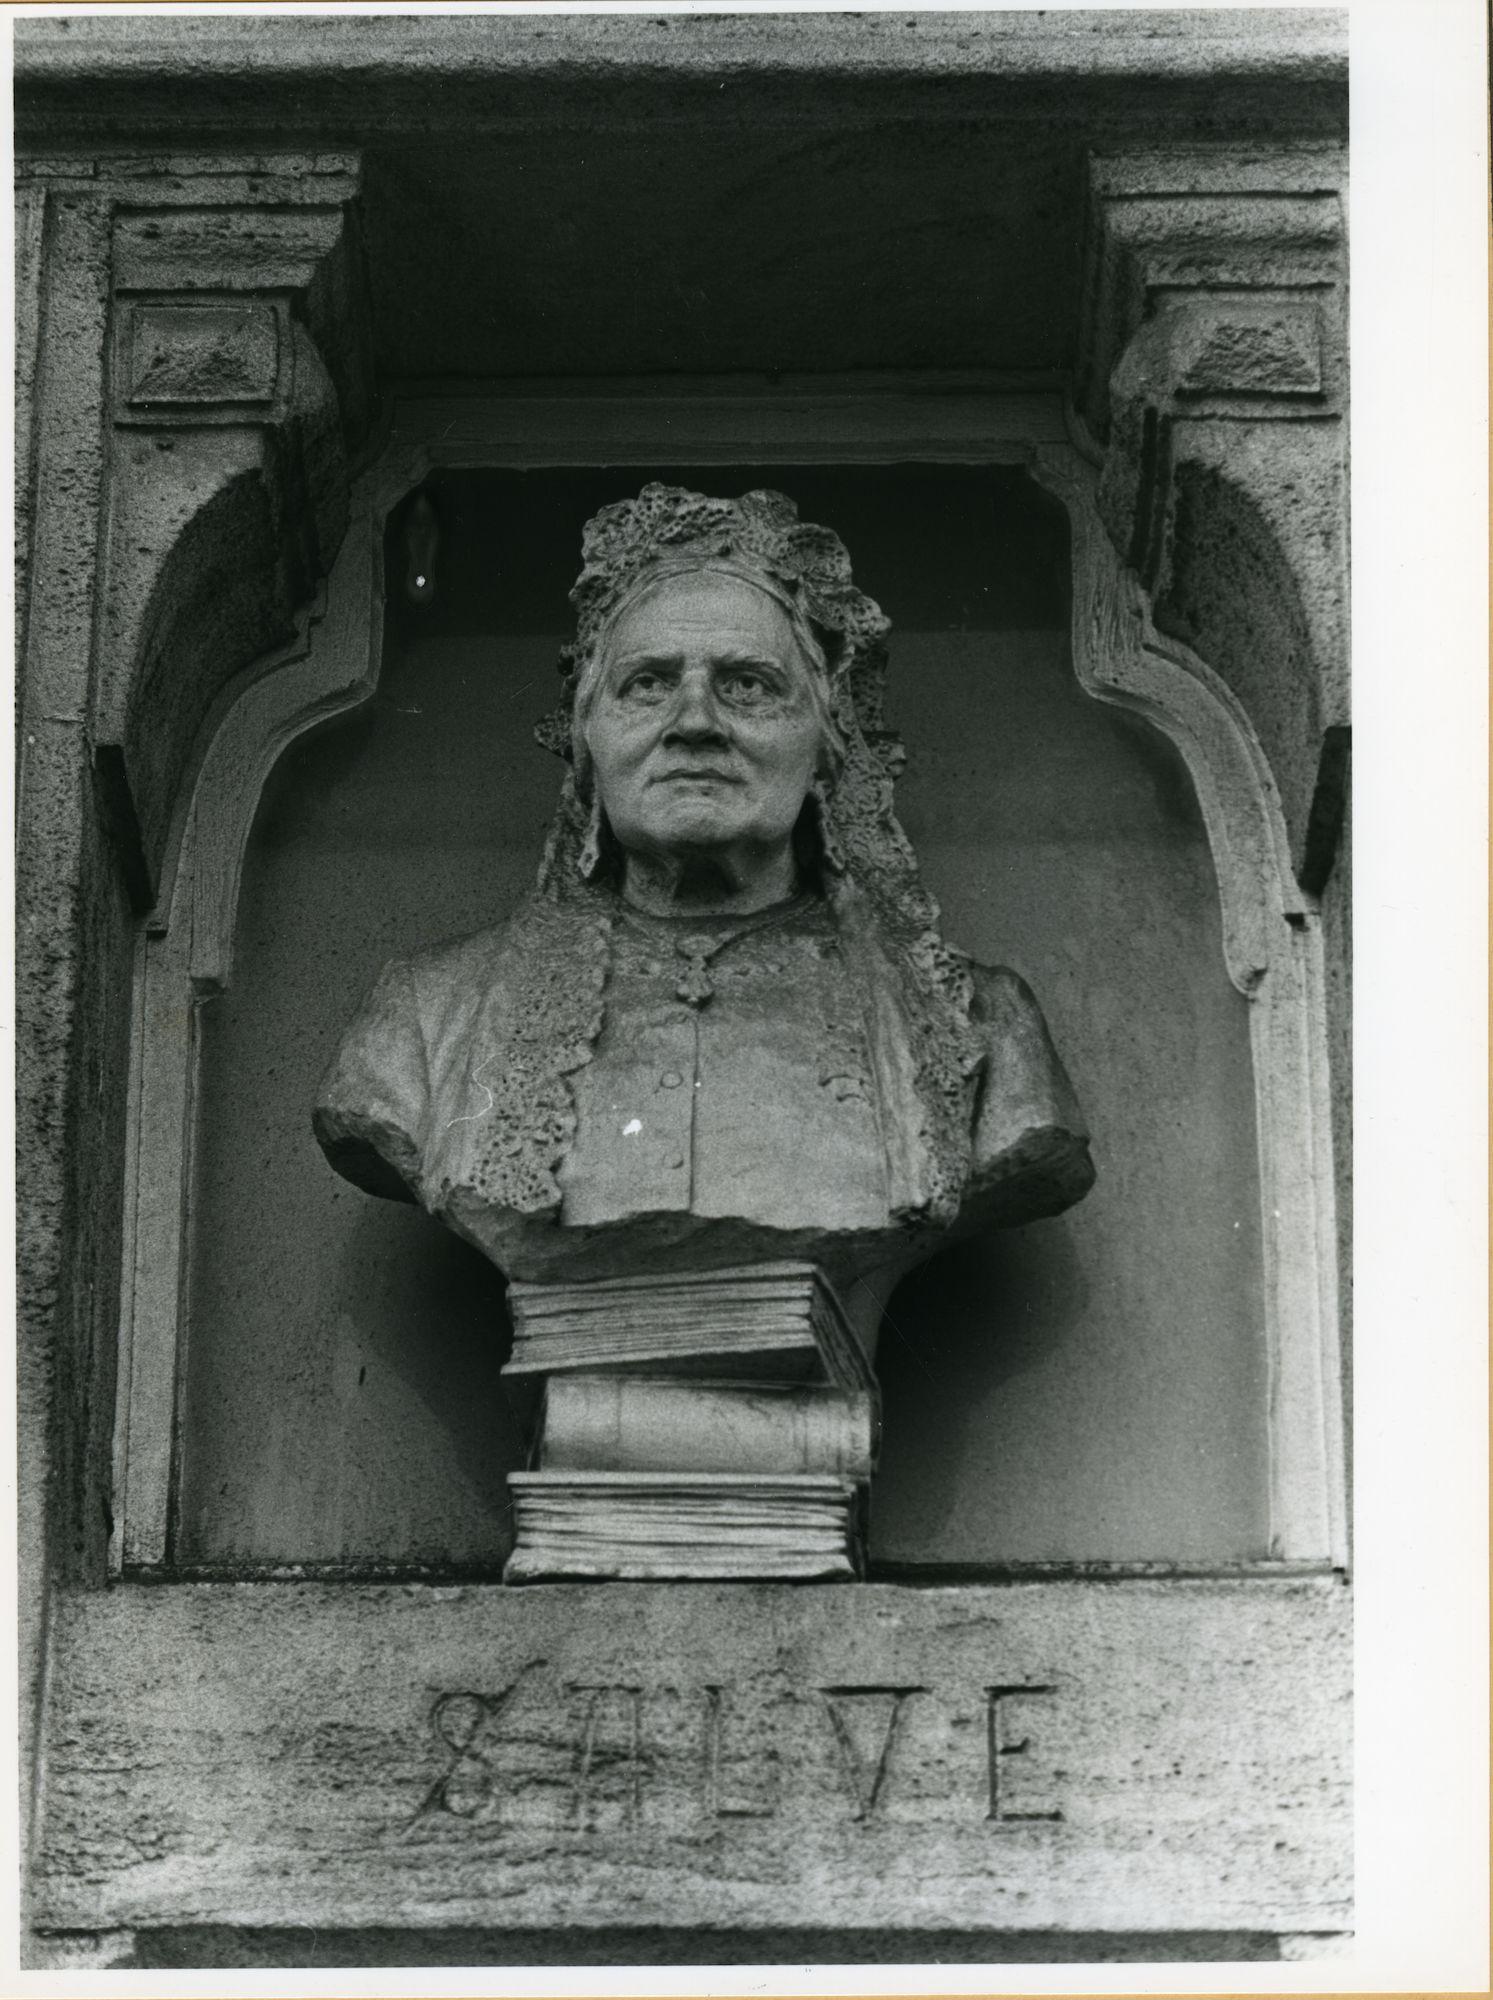 Gent: Vlaamse Kaai 50: Buste, 1979